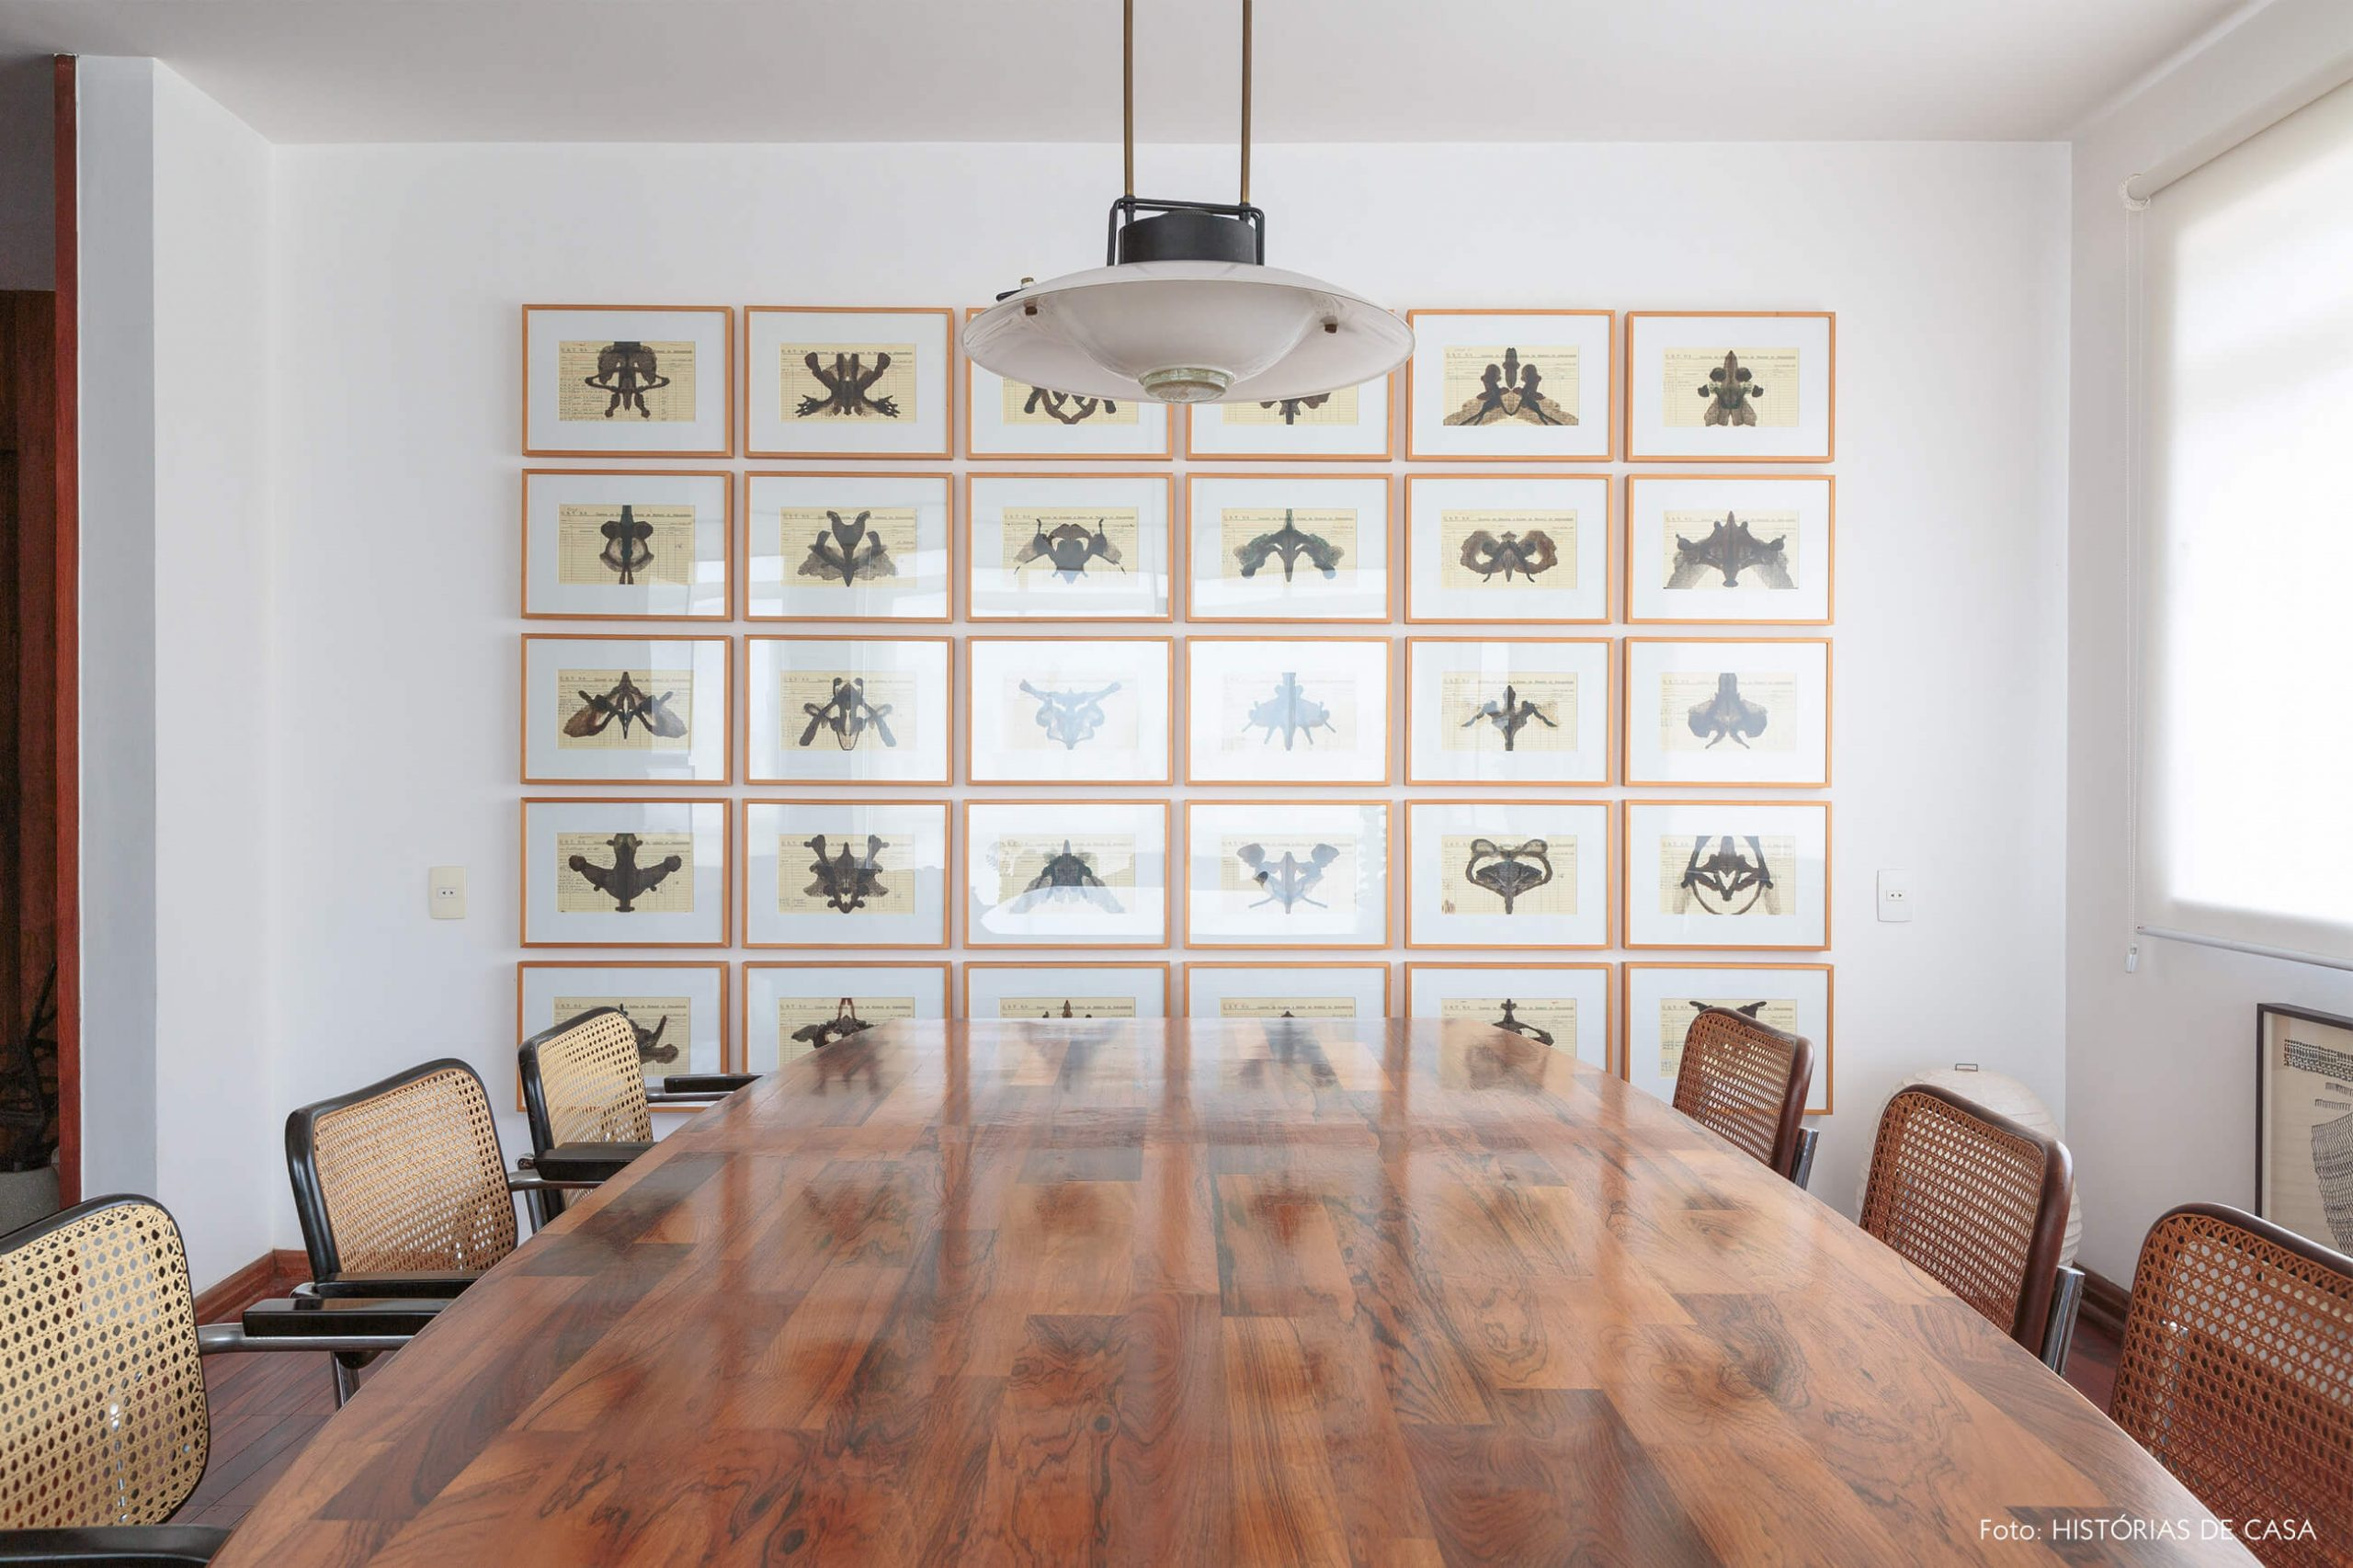 decoração sala jantar com cadeira palhinha e obras de arte